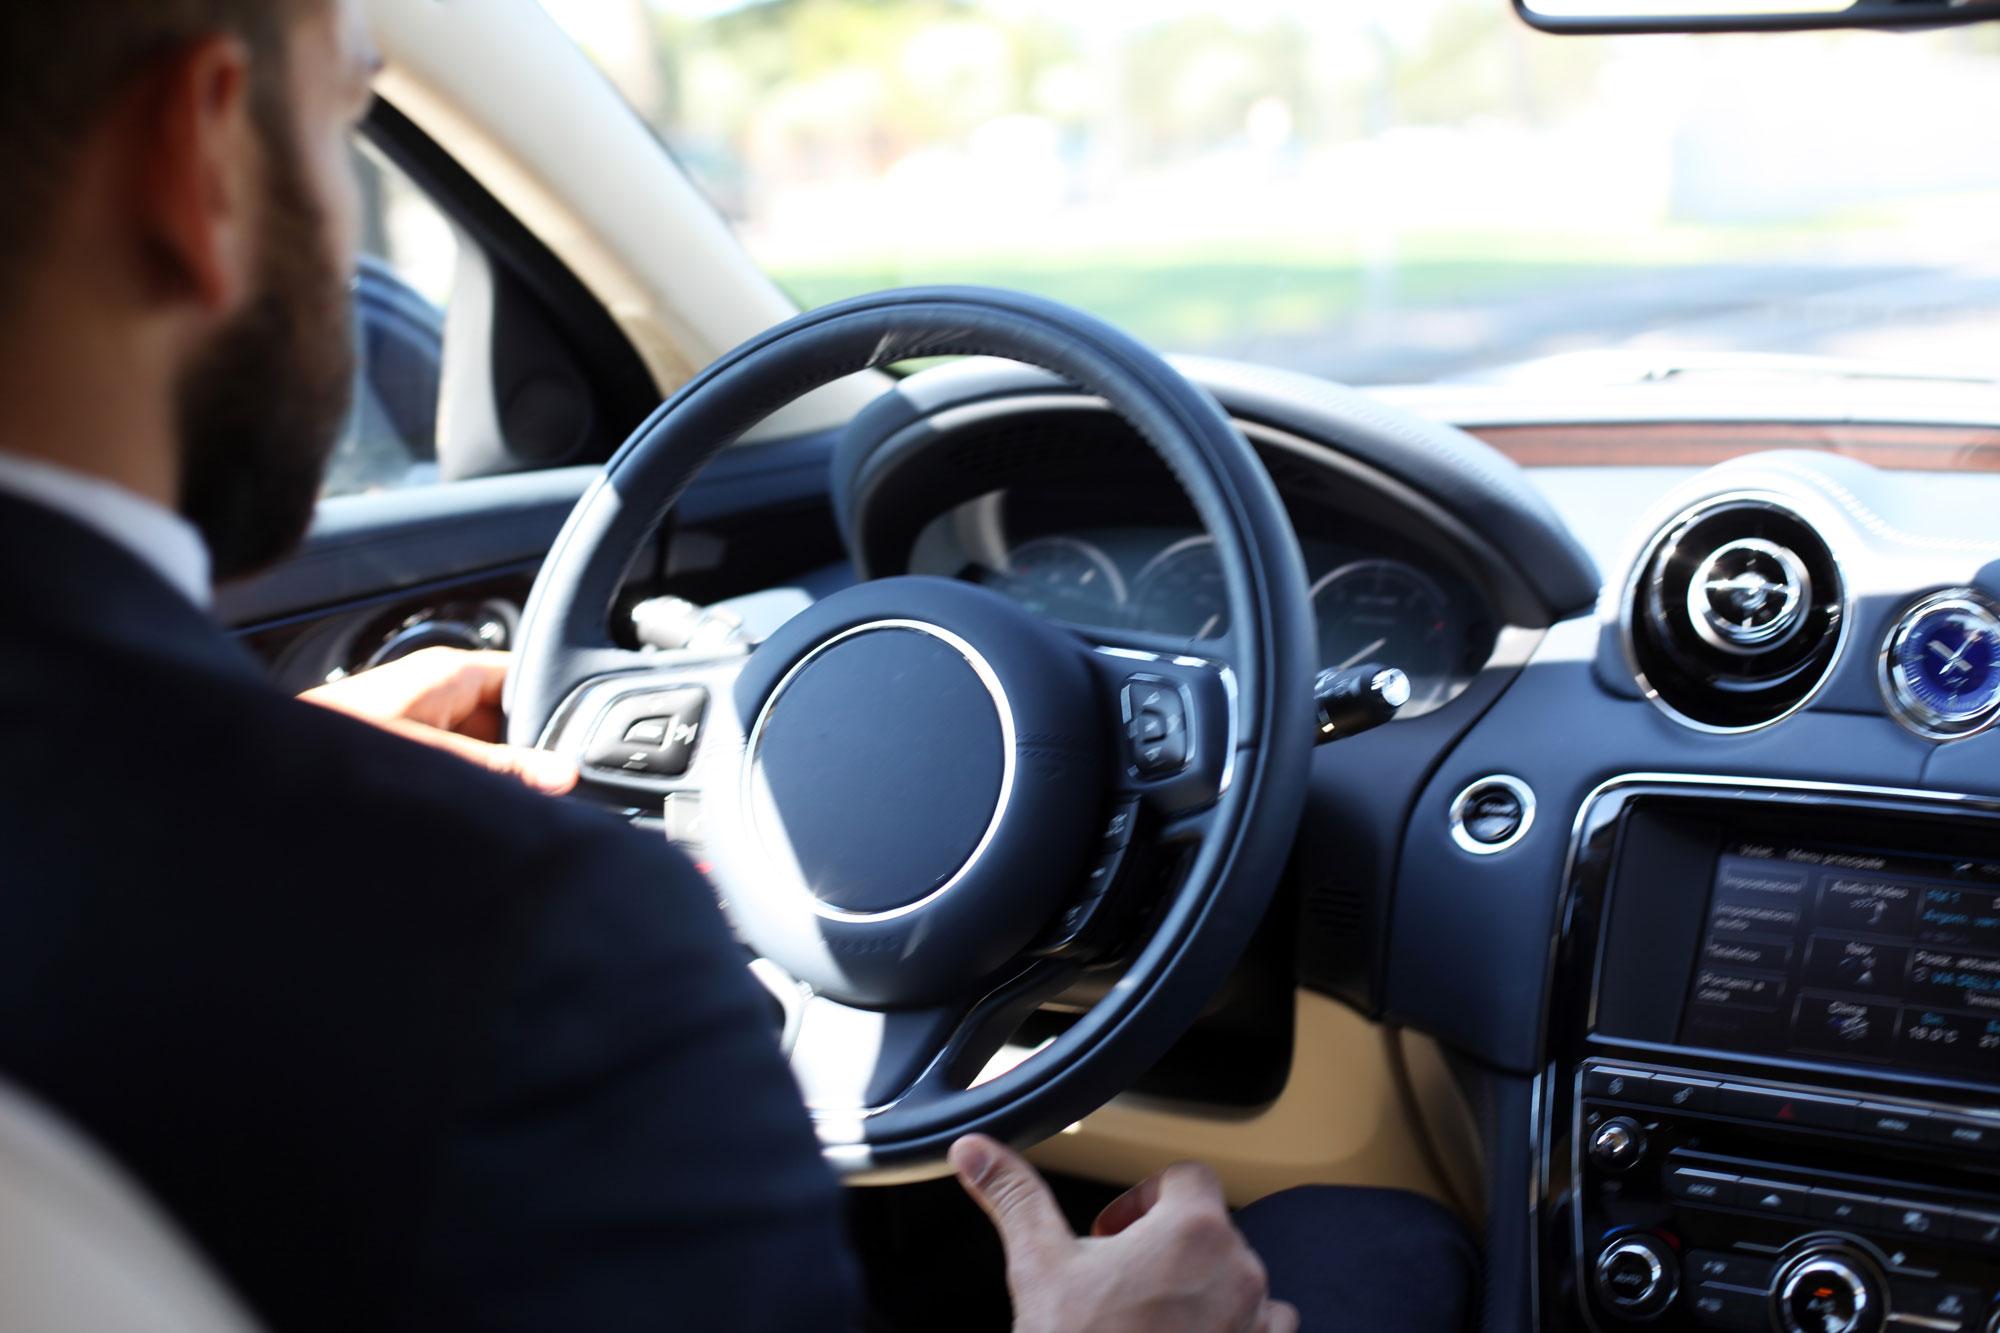 Renault rachète la plateforme de VTC Marcel